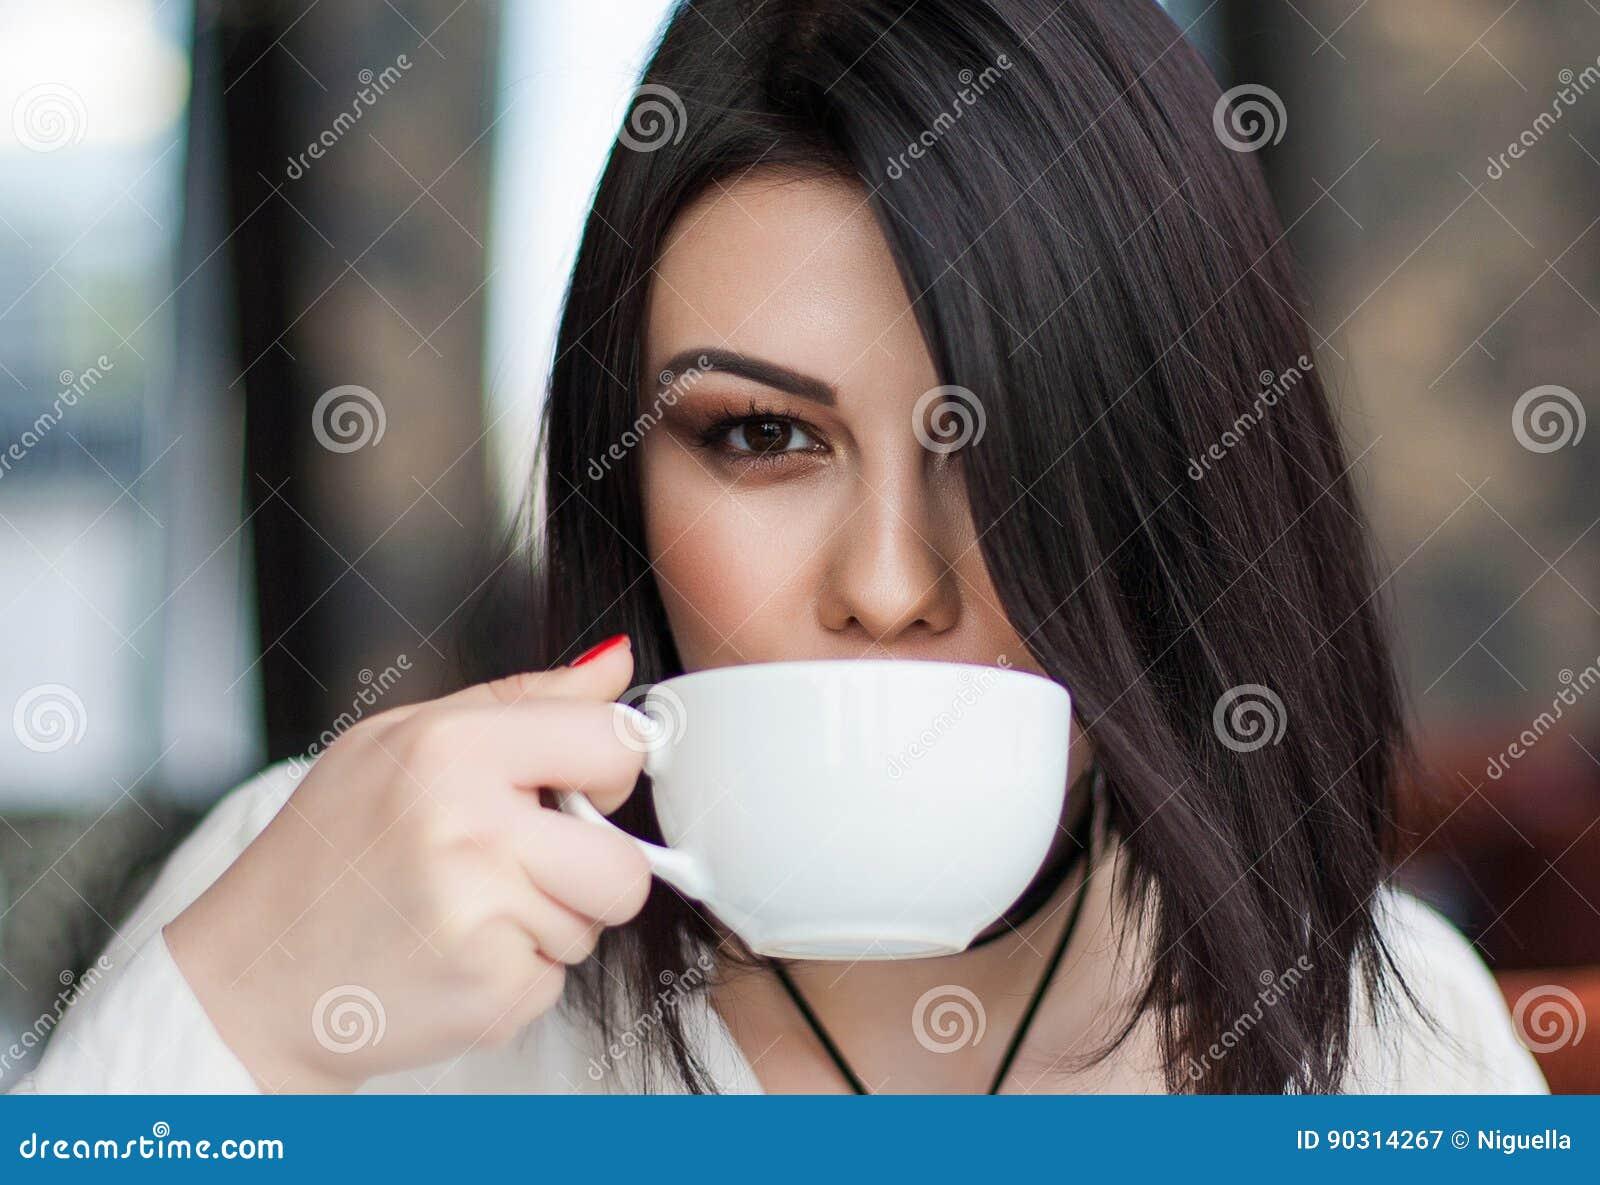 Ritratto di giovane singolo femminile castana attraente avendo thoug